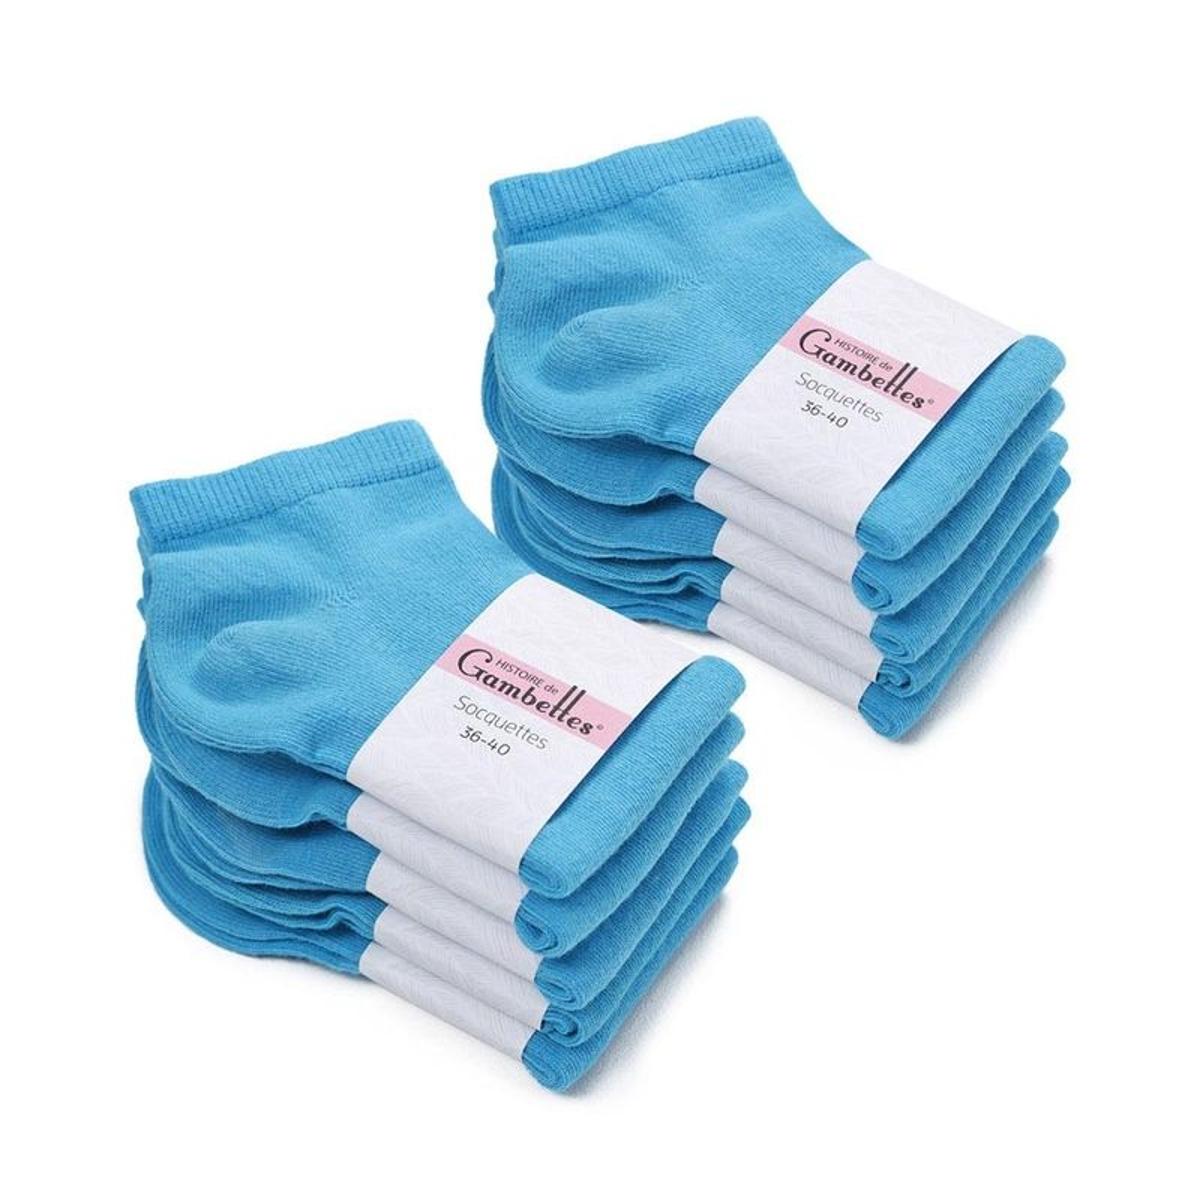 Socquettes coton  Lot 10 paires - Fabriqué en europe